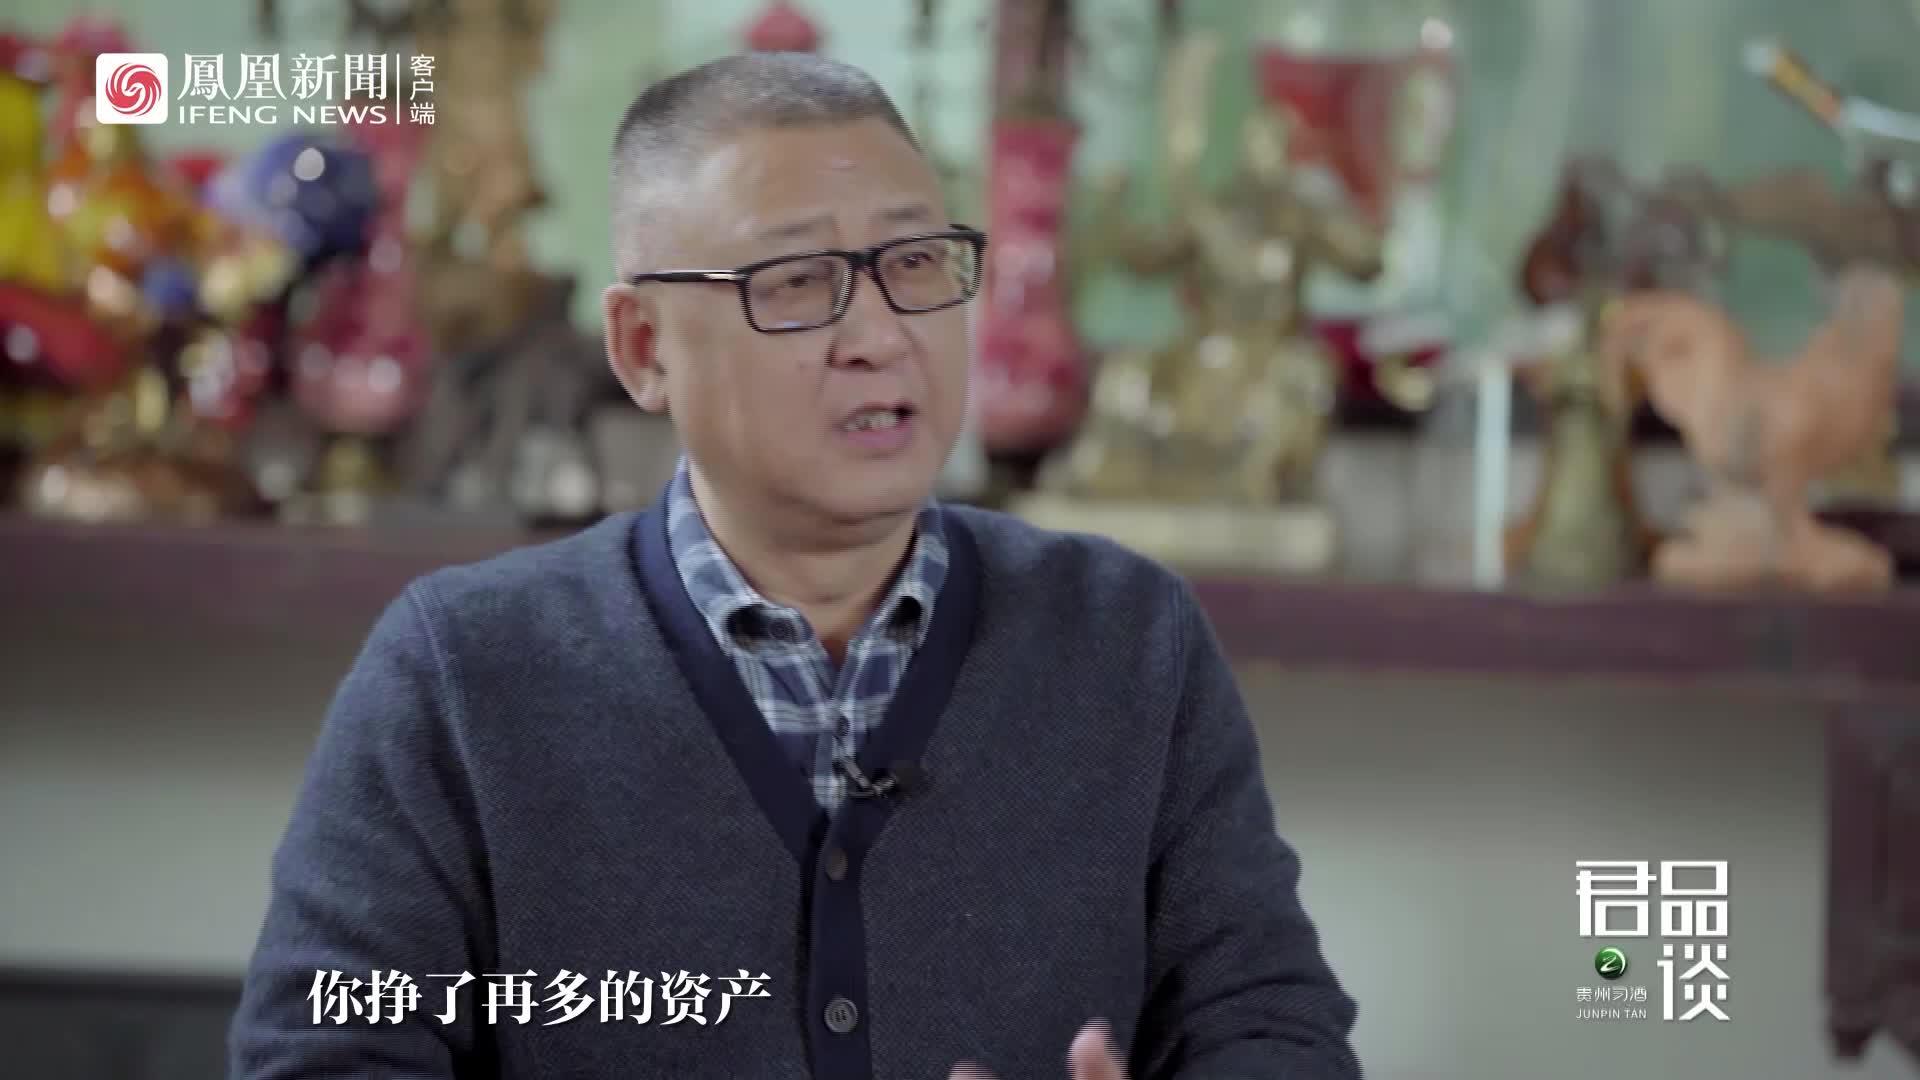 《君品谈》|樊建川: 我的财富不会世袭